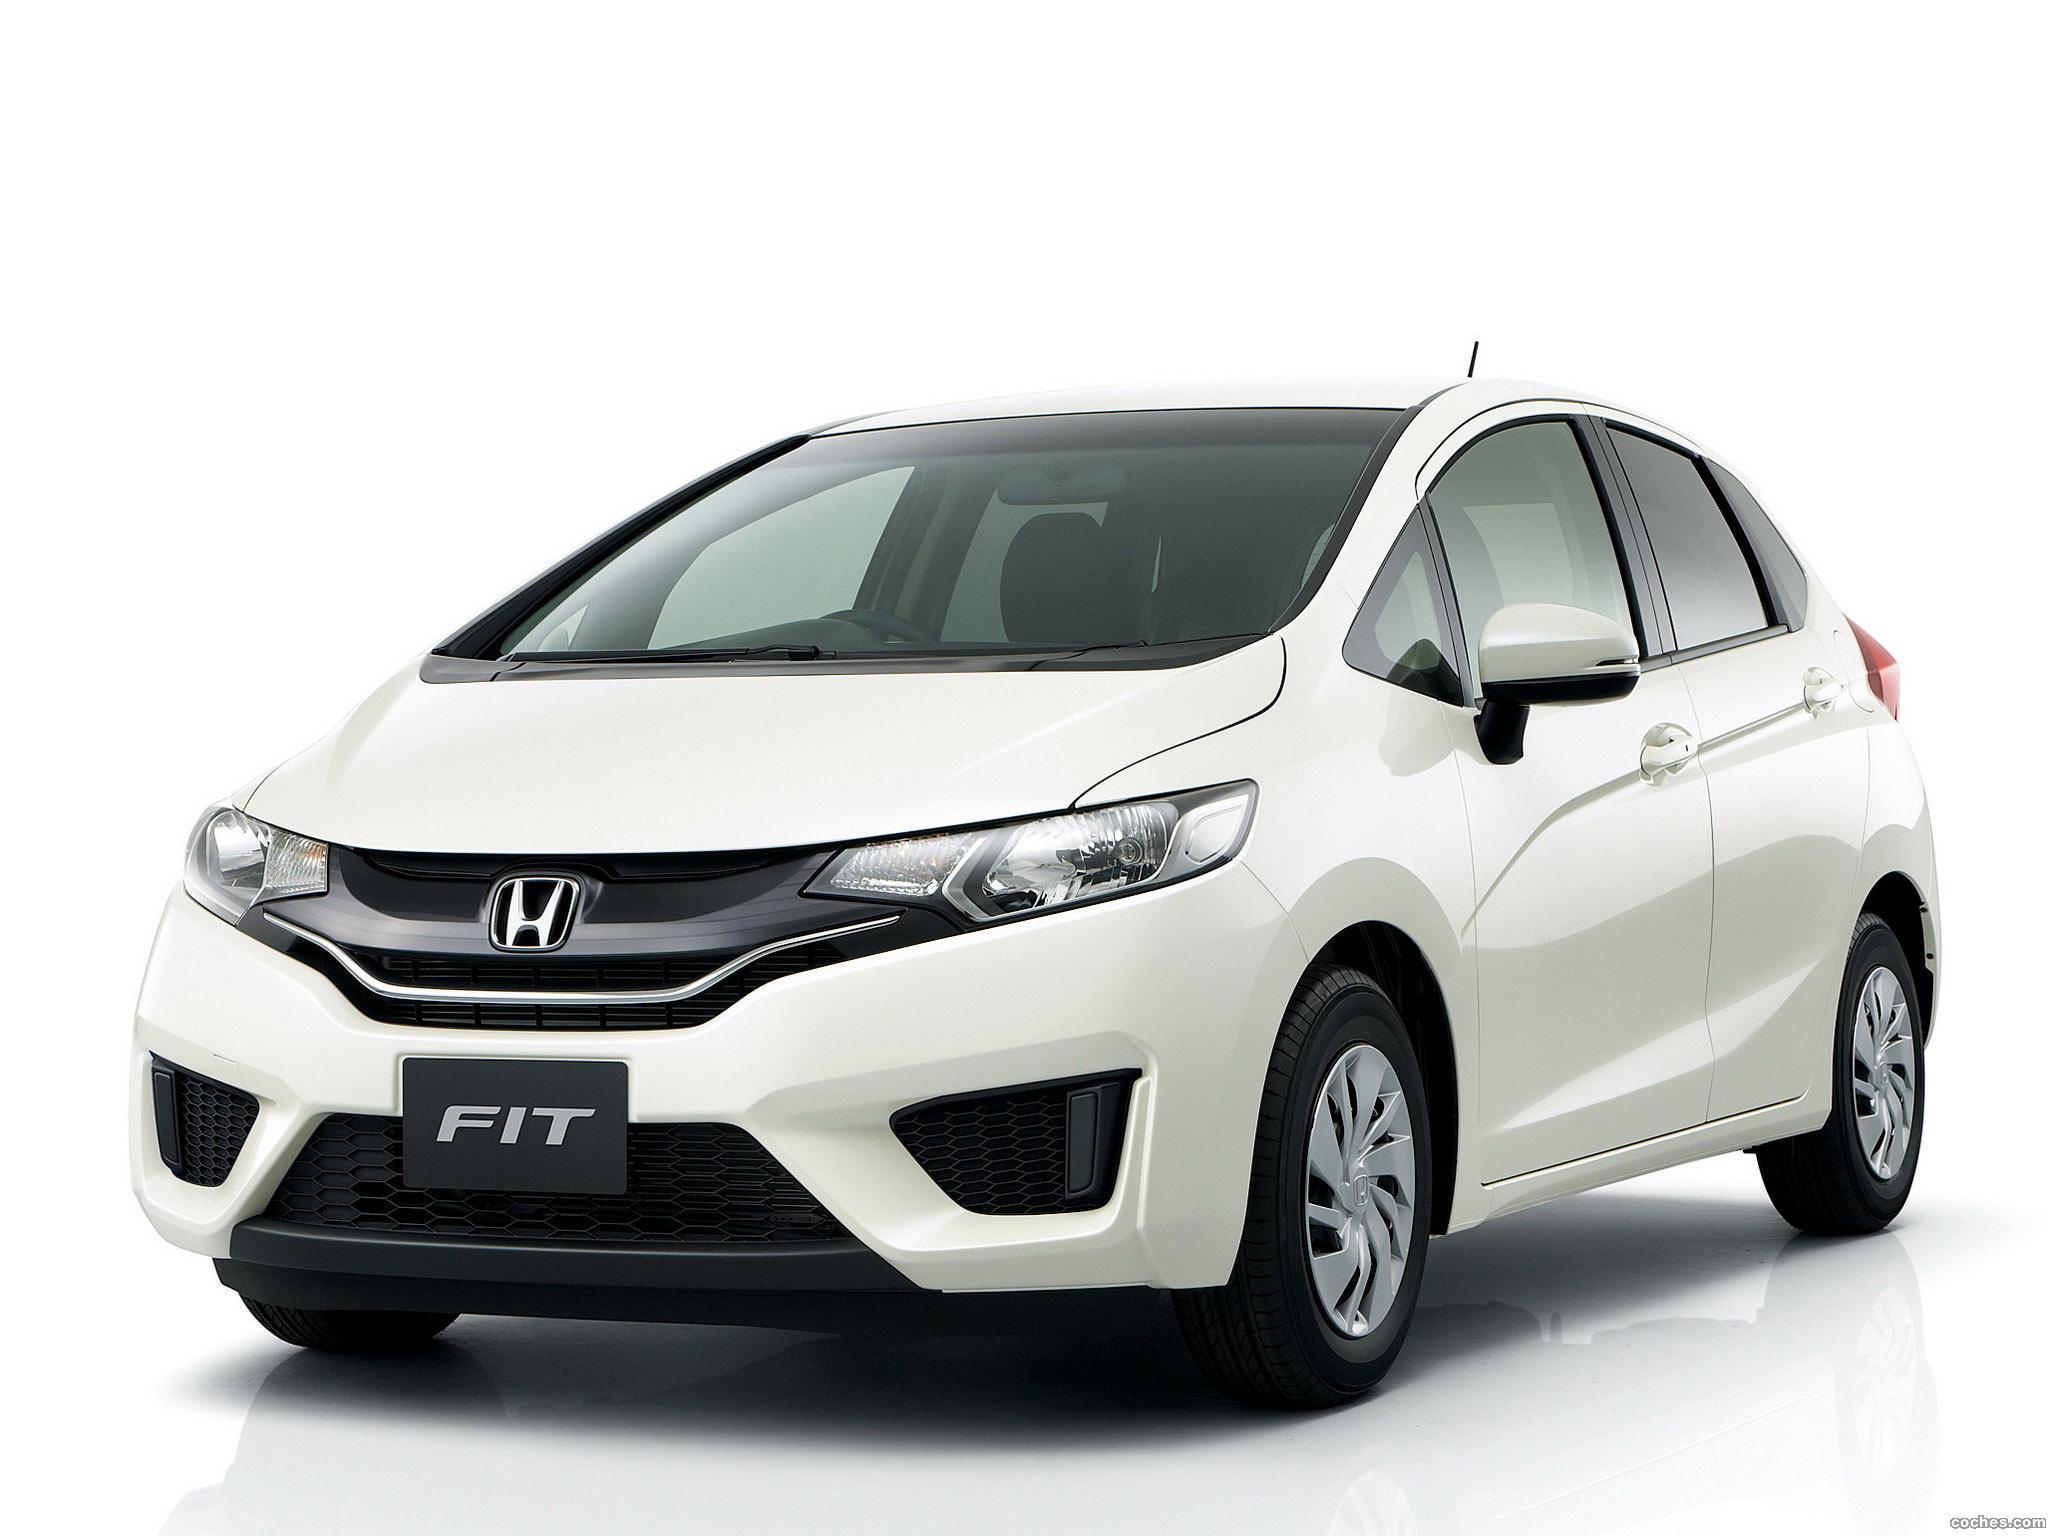 Foto 5 de Honda Fit 2014